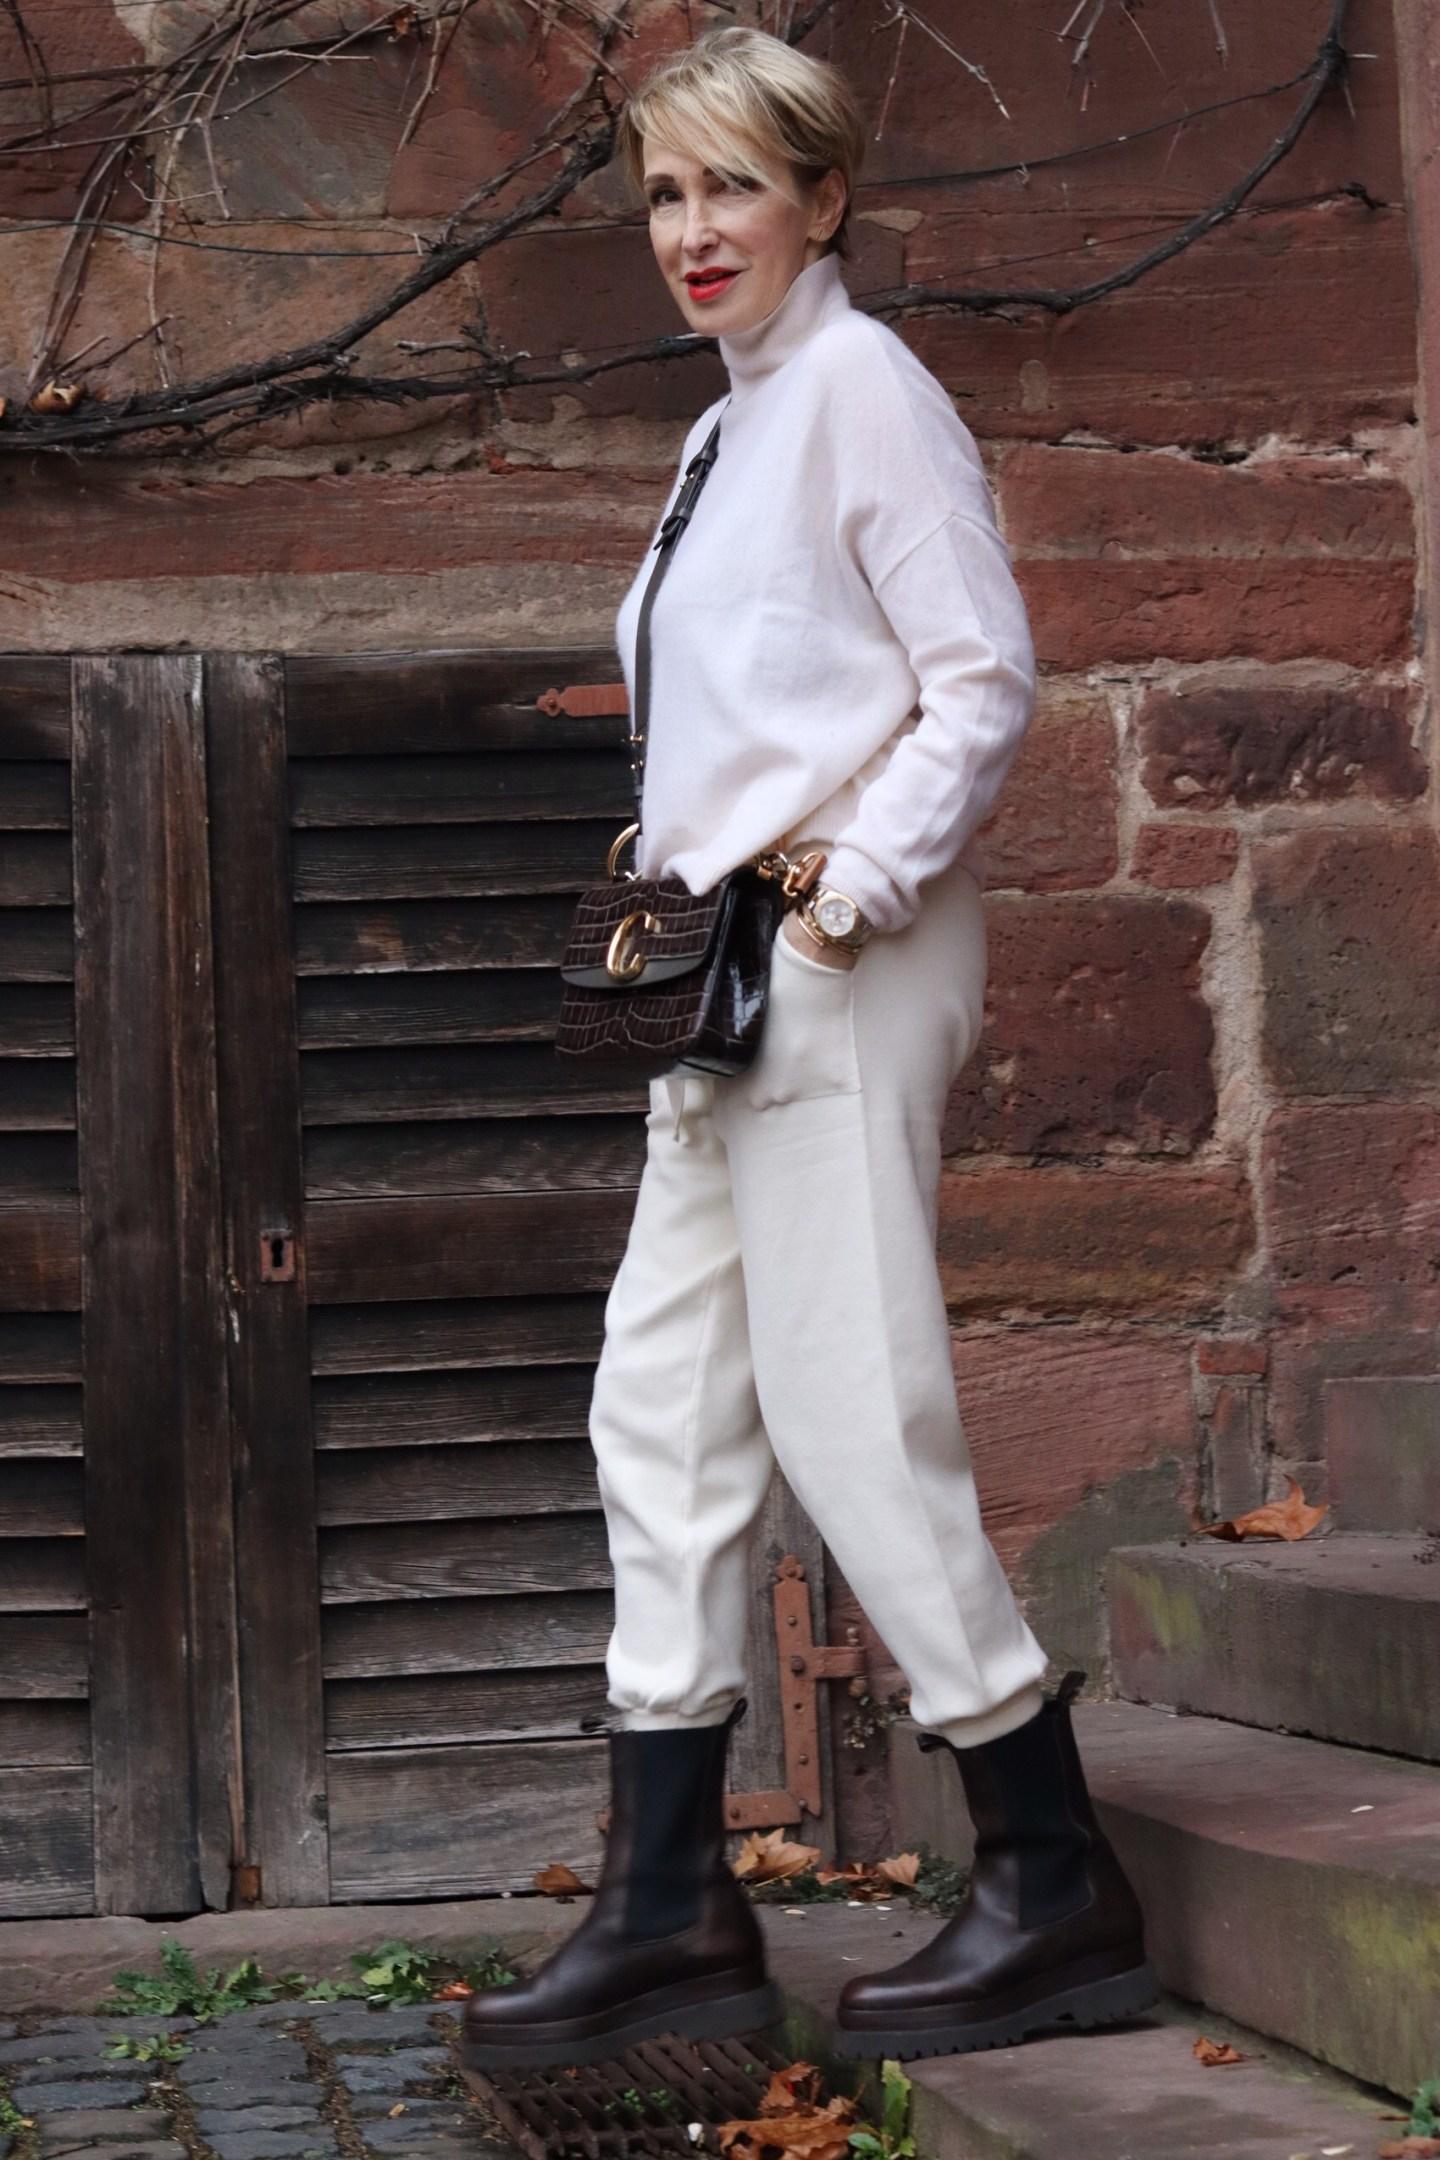 glamupyourlifestyle chunky-chelsea-boots monochrome ue-50-blog ue-40-blog